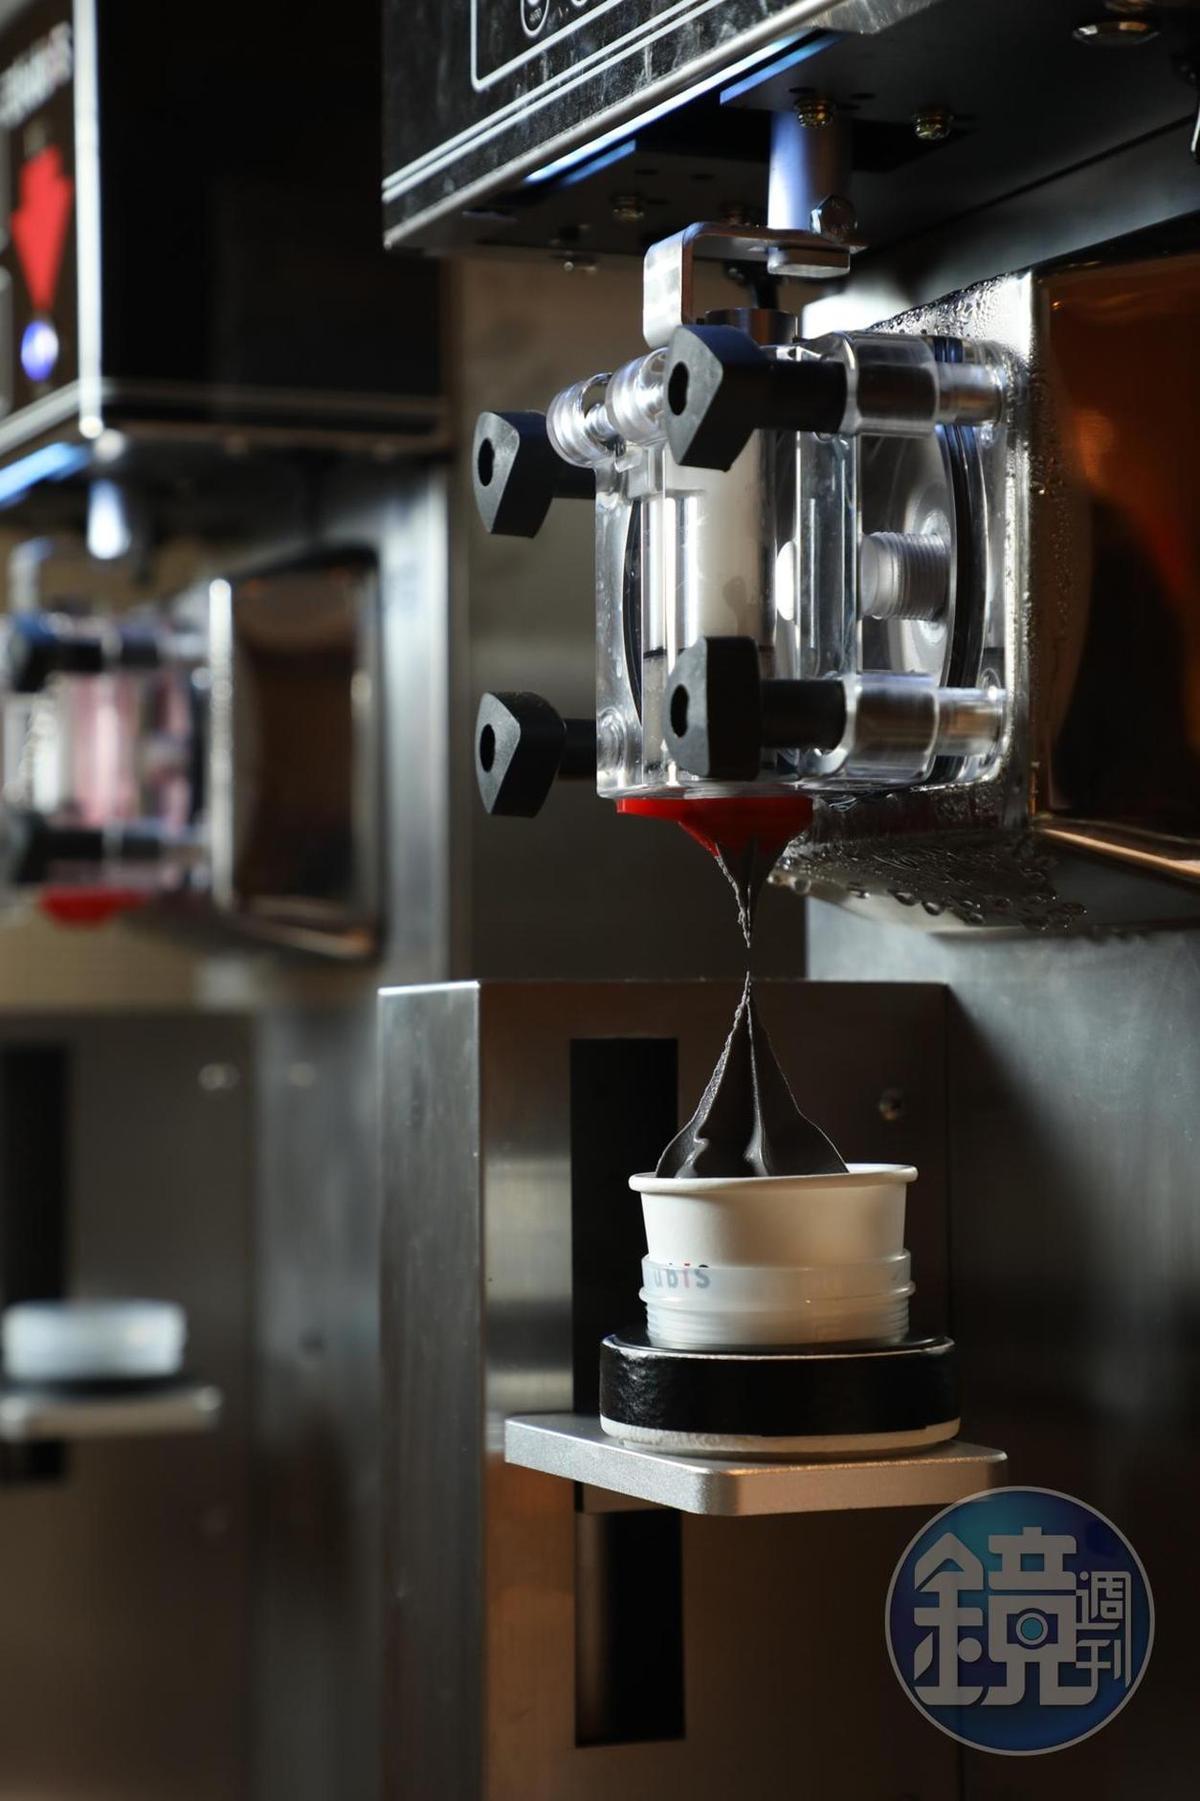 現場引進2台採用阿爾卑斯鮮乳的自動霜淇淋機,供客人自己動手操作。